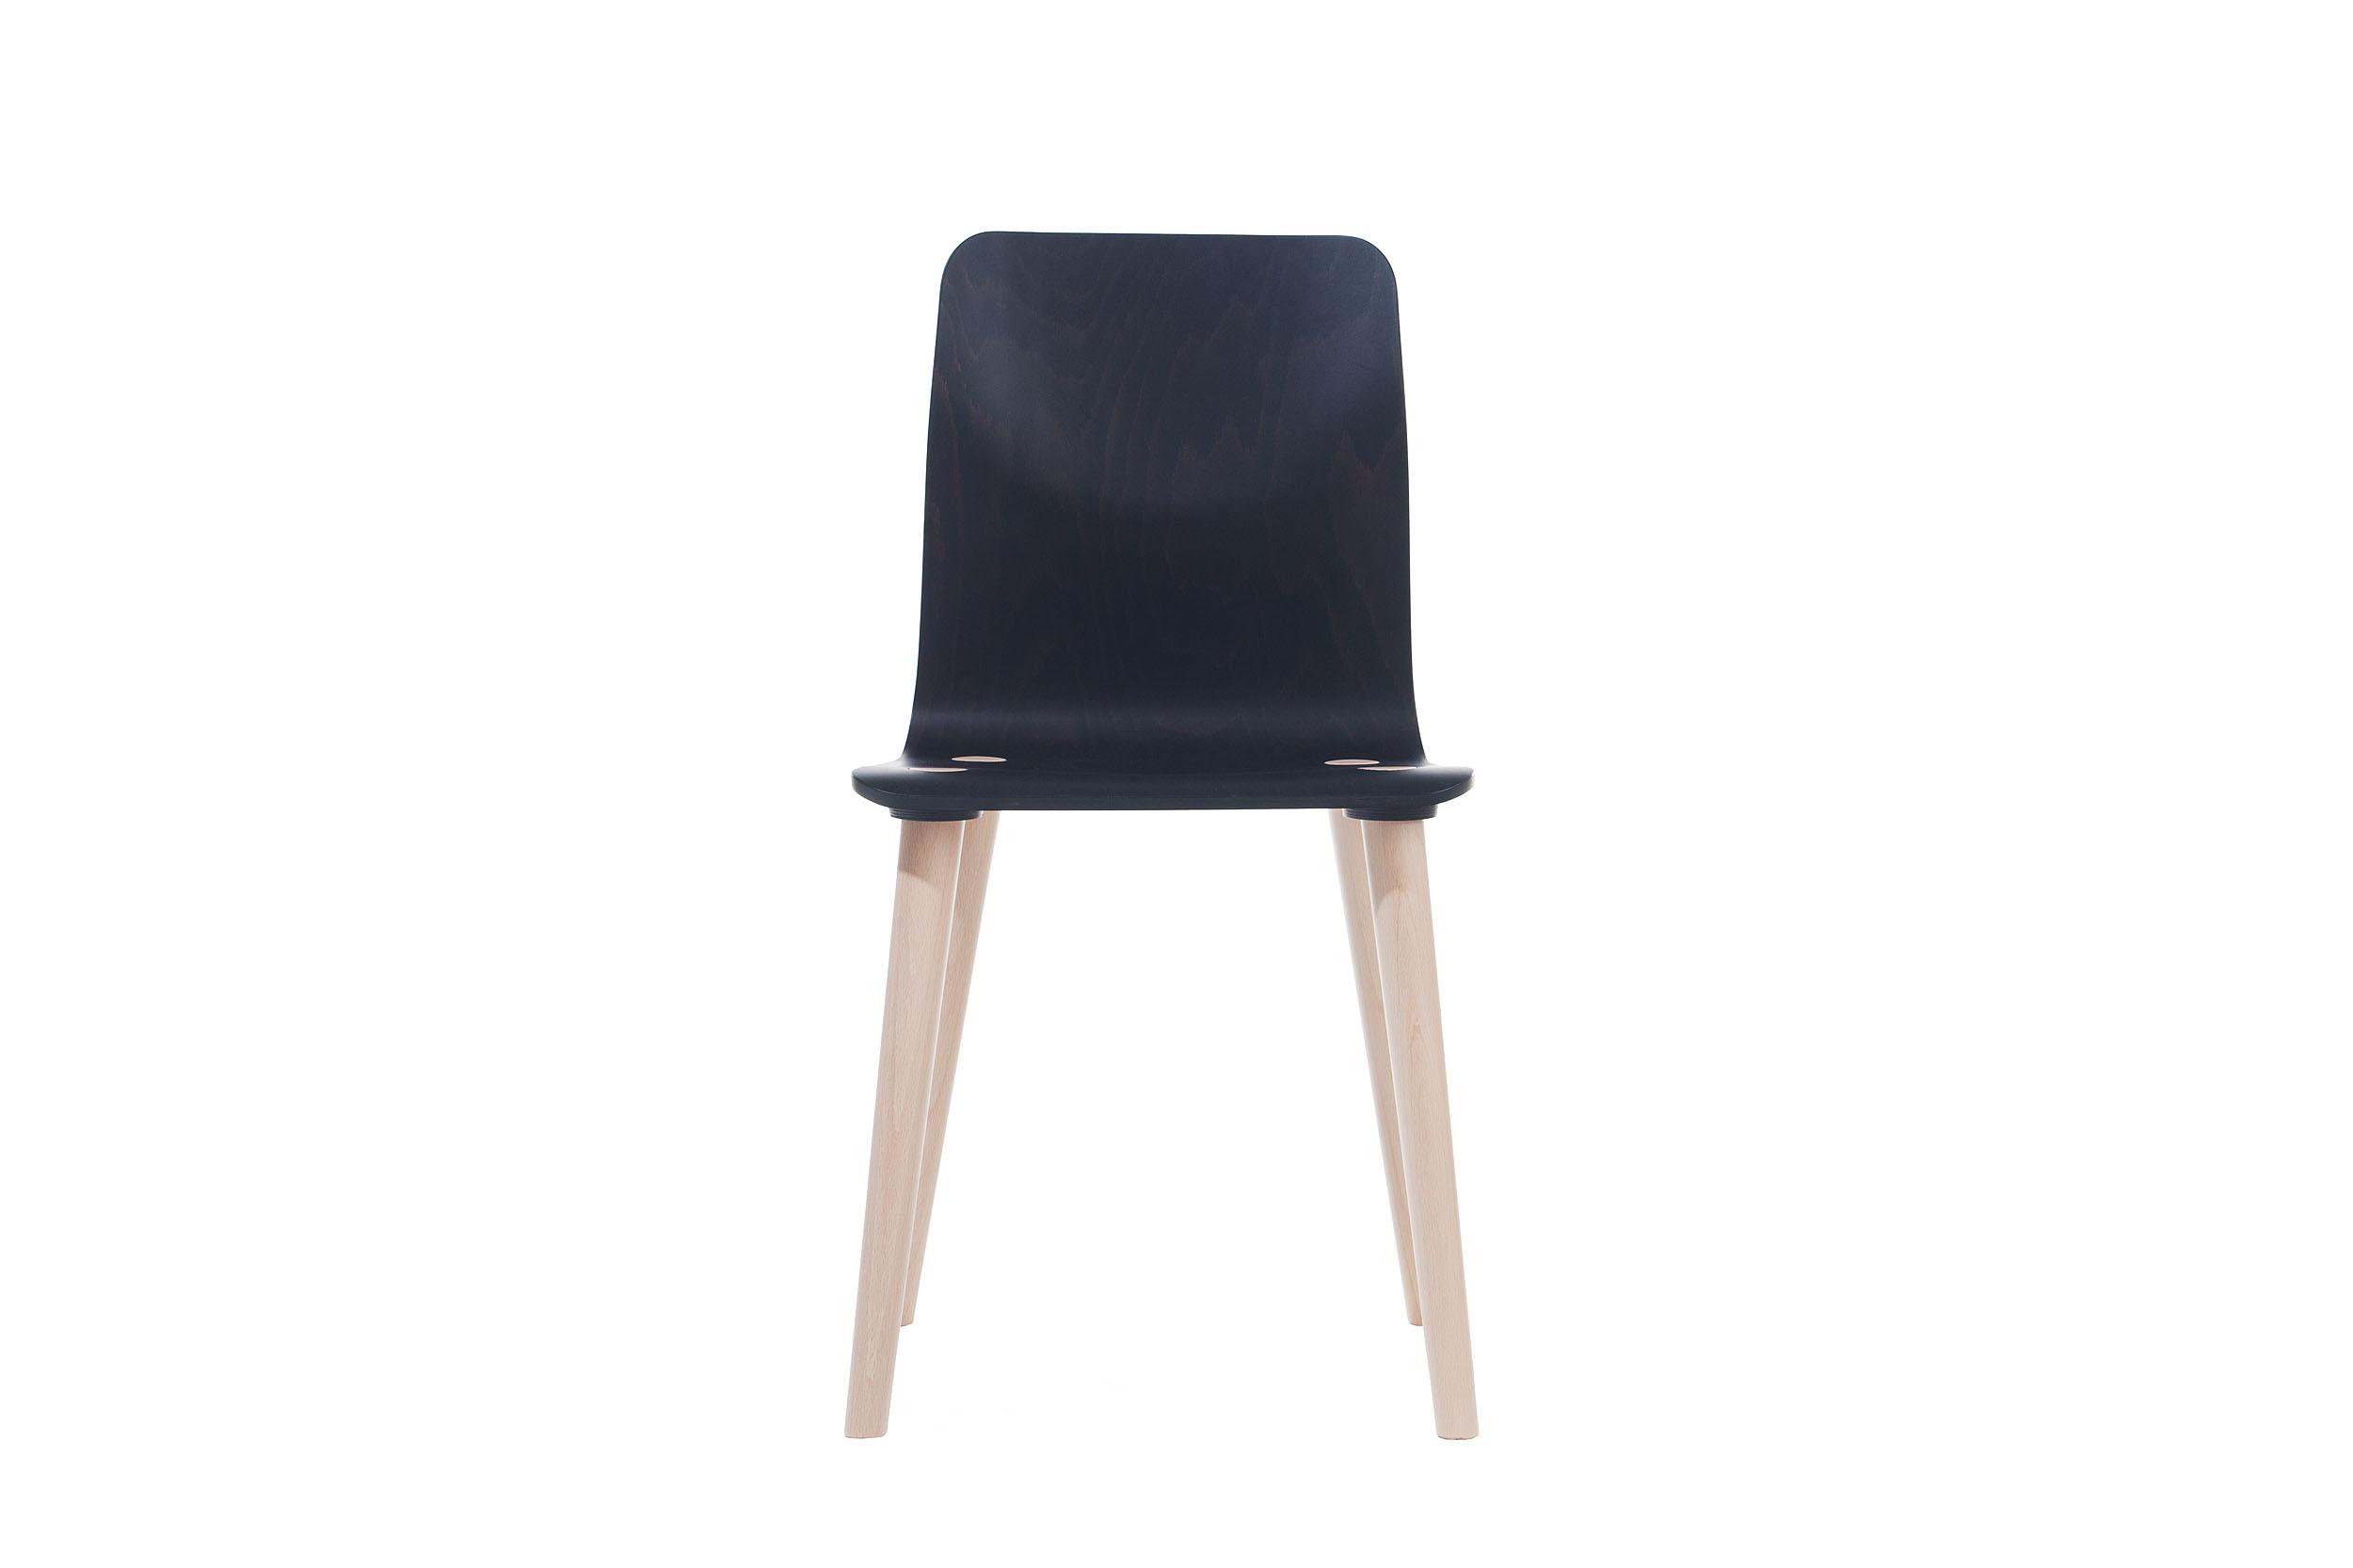 Scaun din lemn de fag Malmo Black